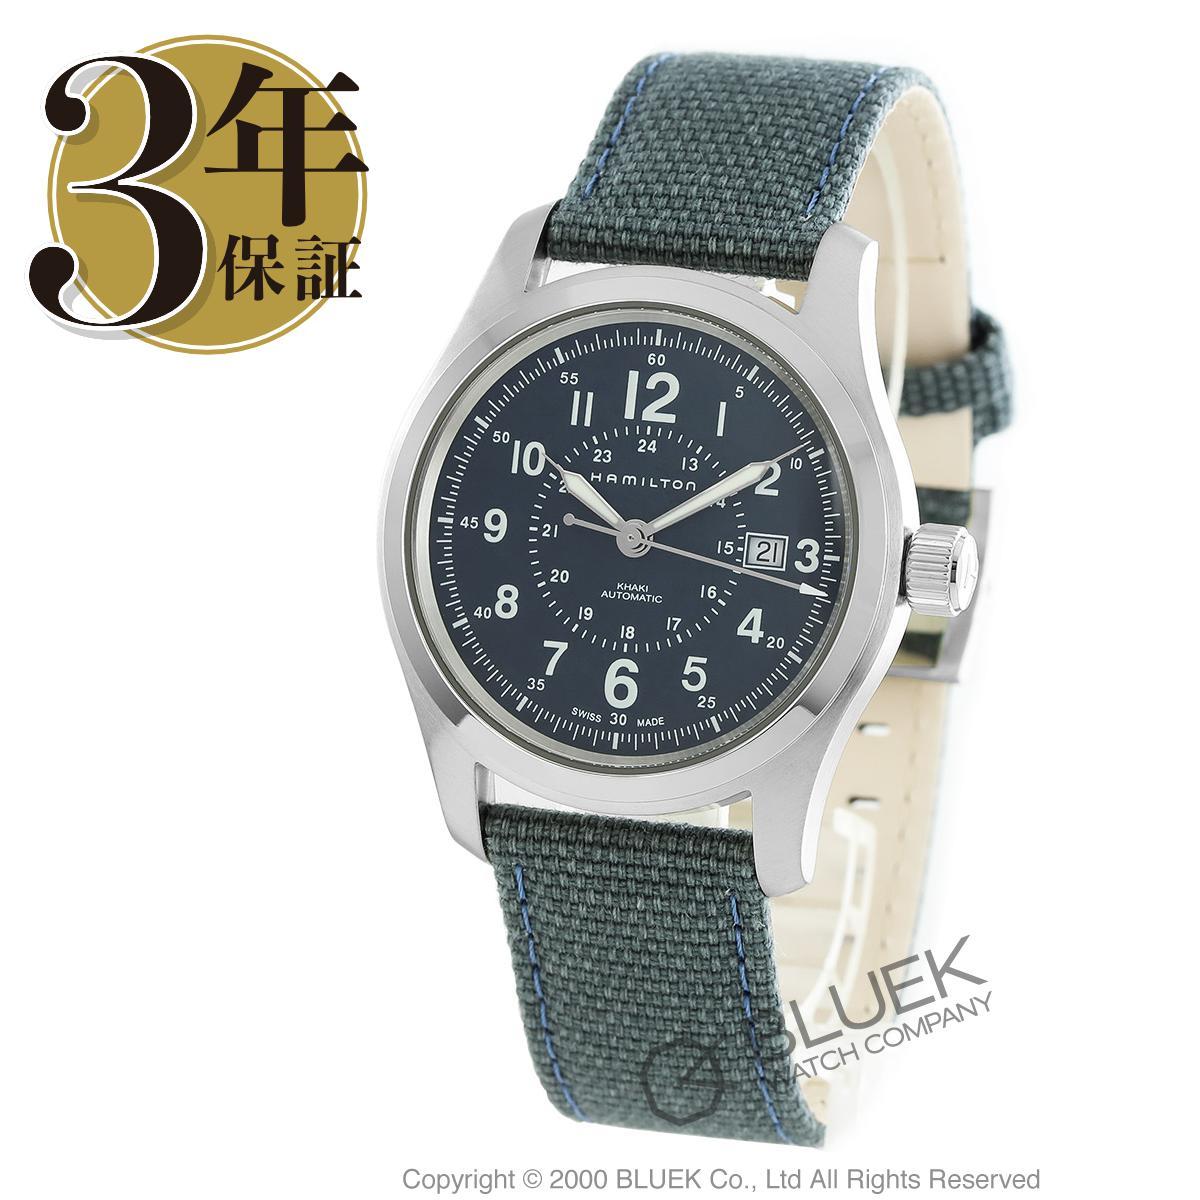 e9304e2d09 ハミルトン カーキ フィールド キャンパスレザー 腕時計 メンズ HAMILTON H70605943_8  [送料無料][ハミルトン][H70605943][HAMILTON][時計][新品]